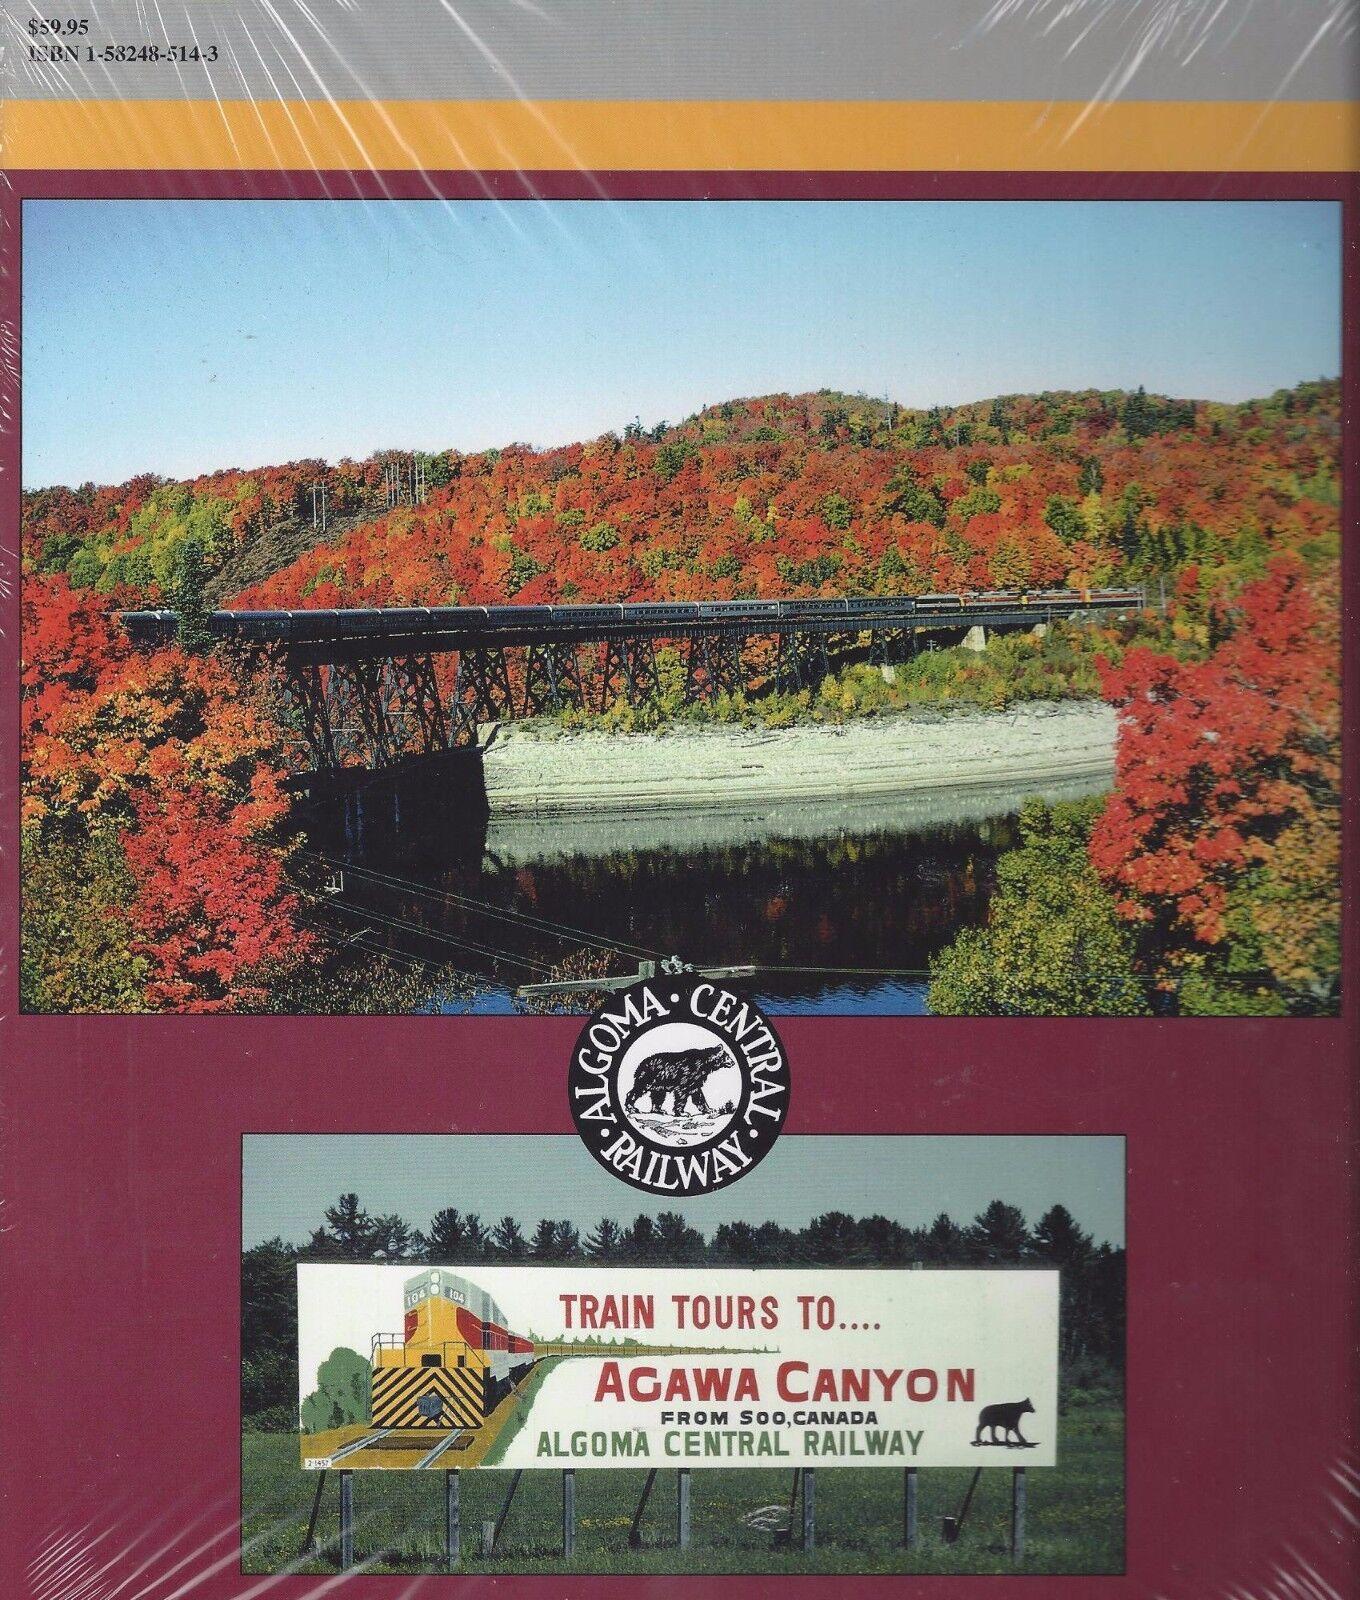 Algoma Algoma Algoma Centrale in Colore: Colorato All-Emd Motorizzato Ferrovia  Nuovo Libro  4e3f5f